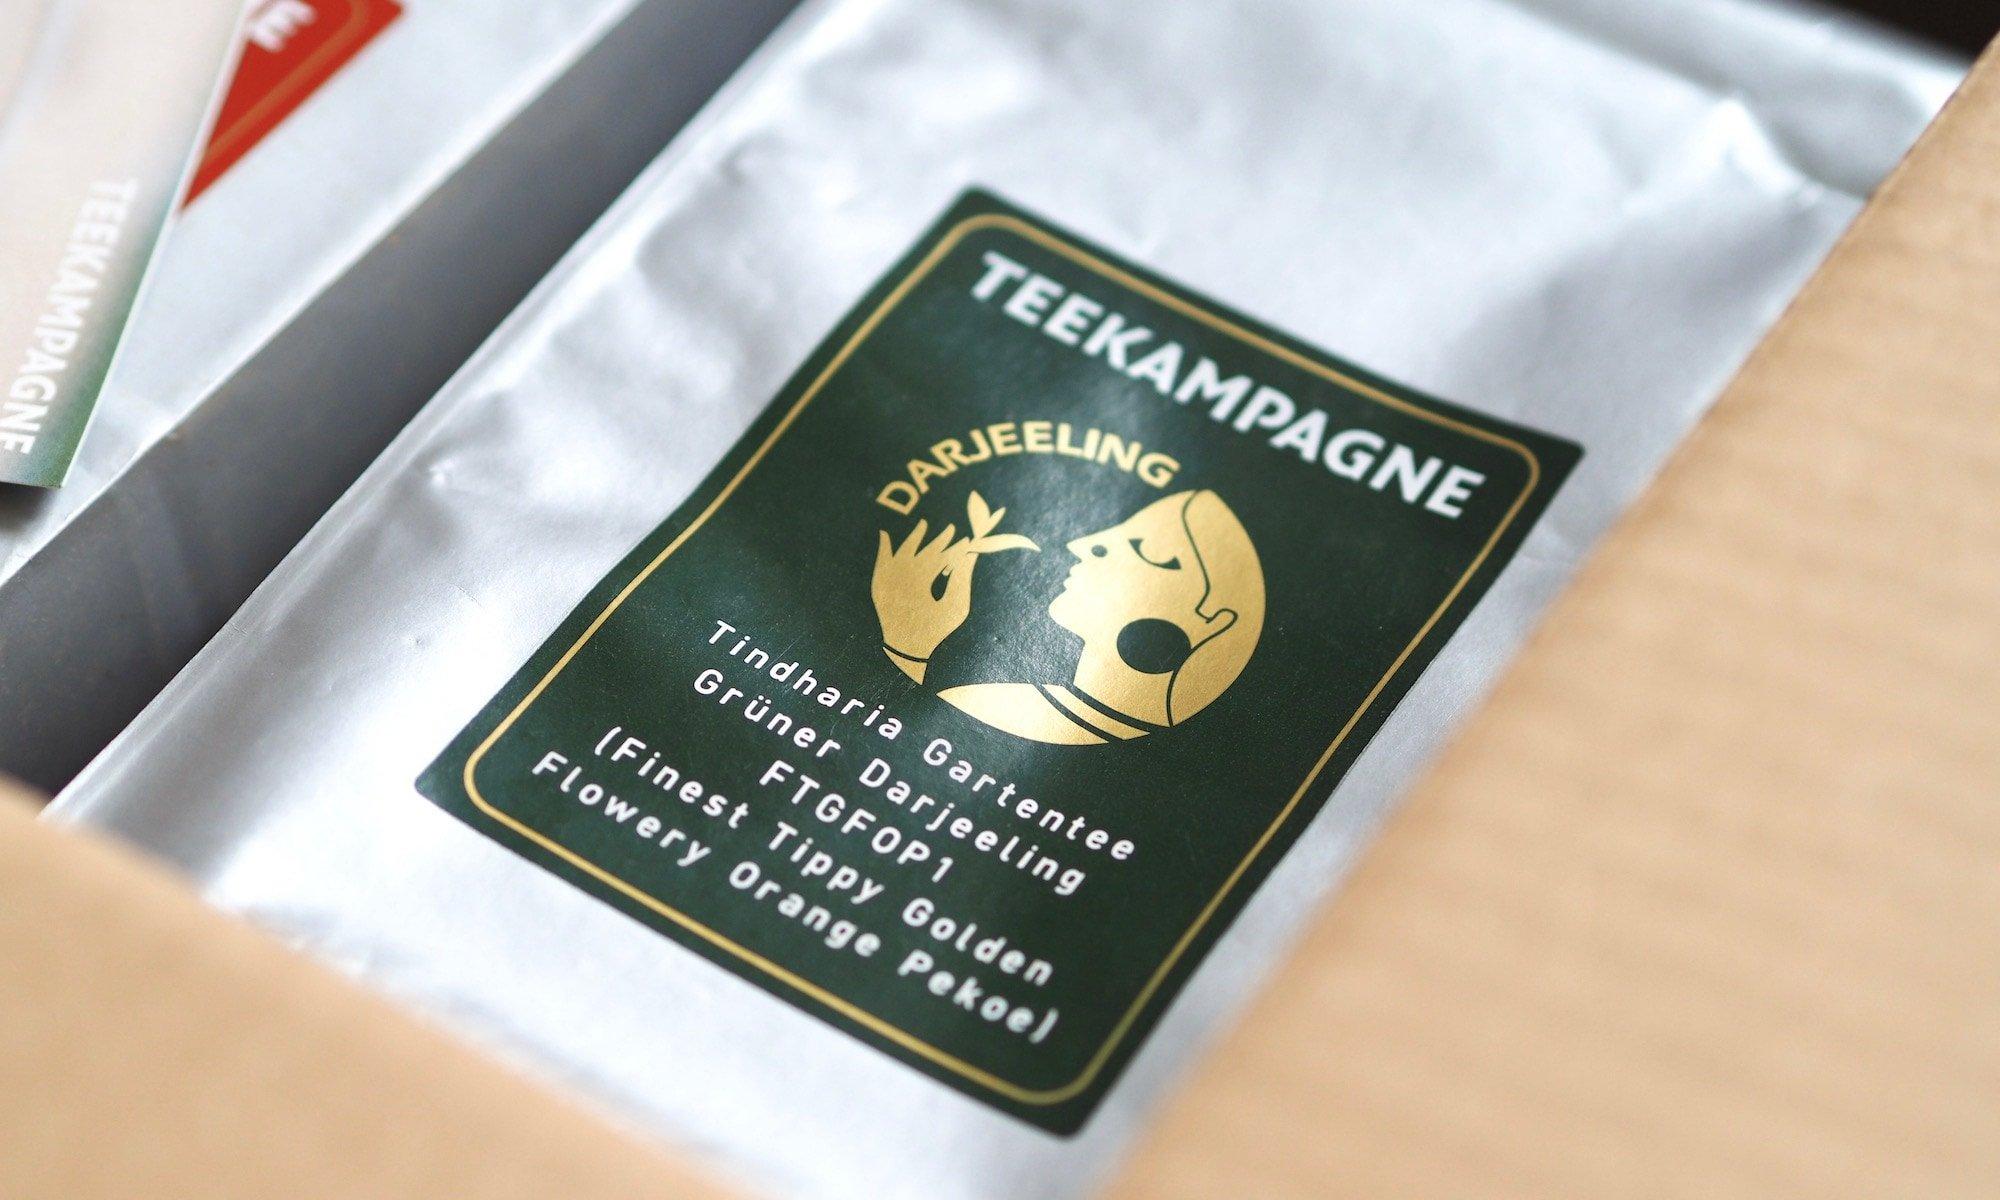 Unsere Teebestellung ist eingetroffen | Foto: konsensor.de